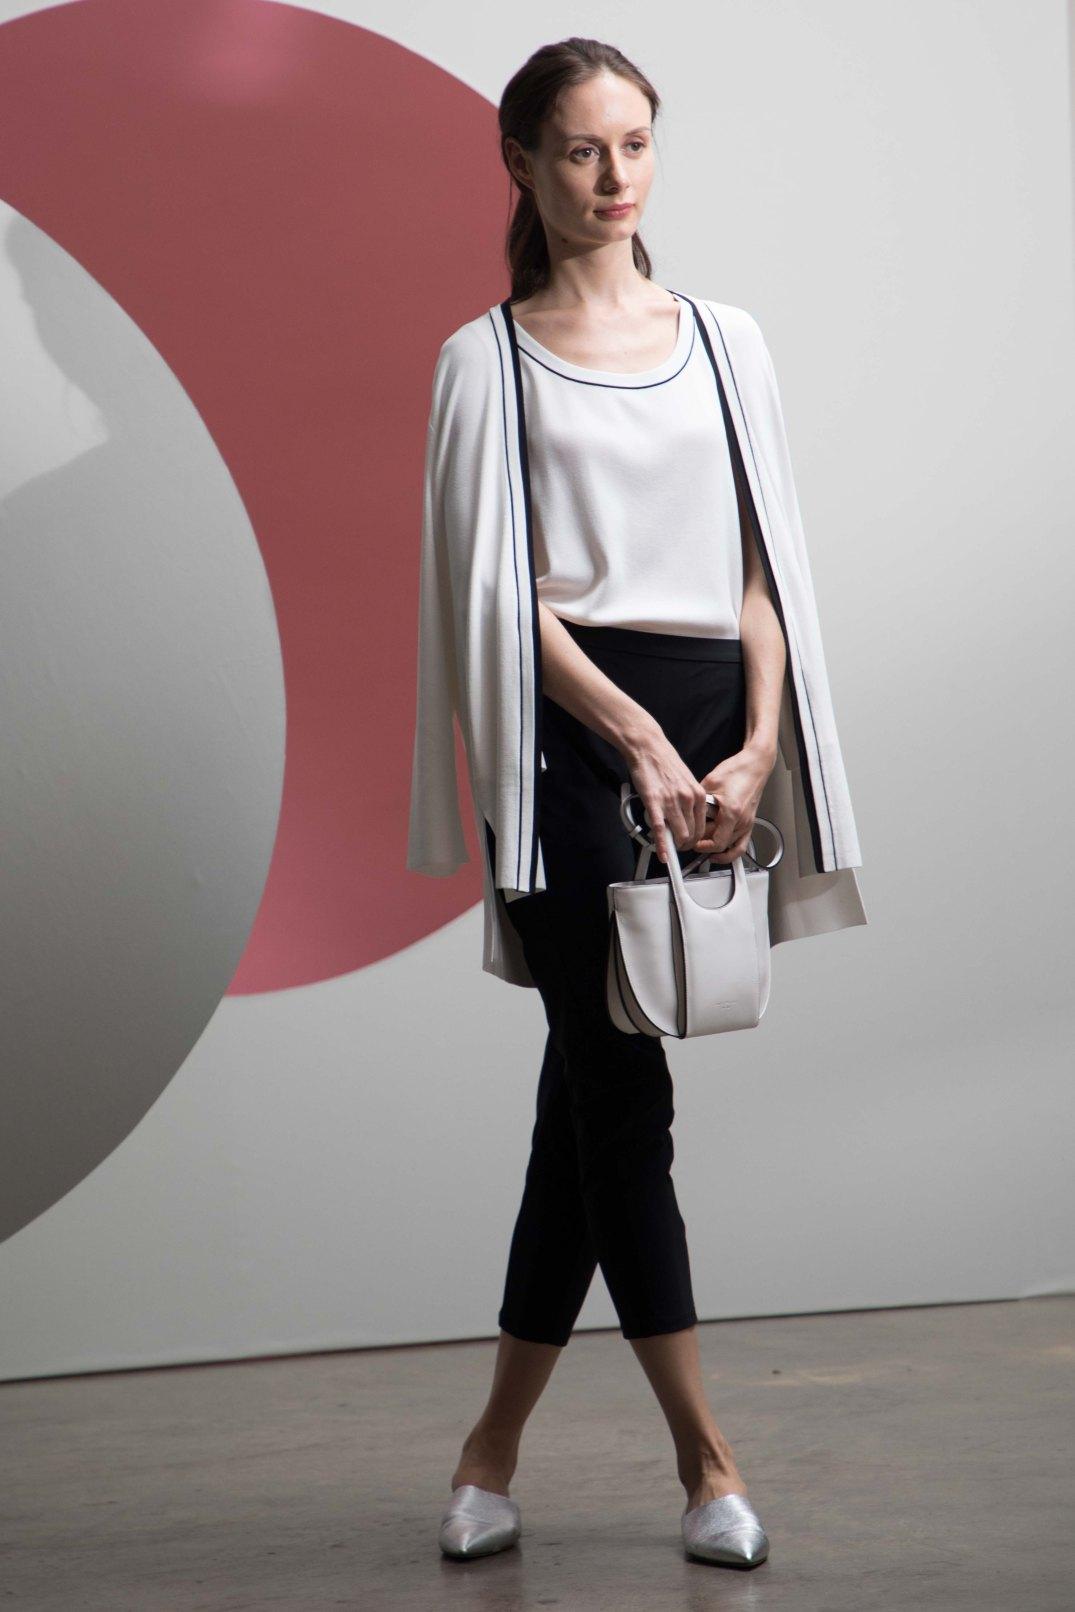 時裝服裝攝影 fashion Photography paulstylist-62